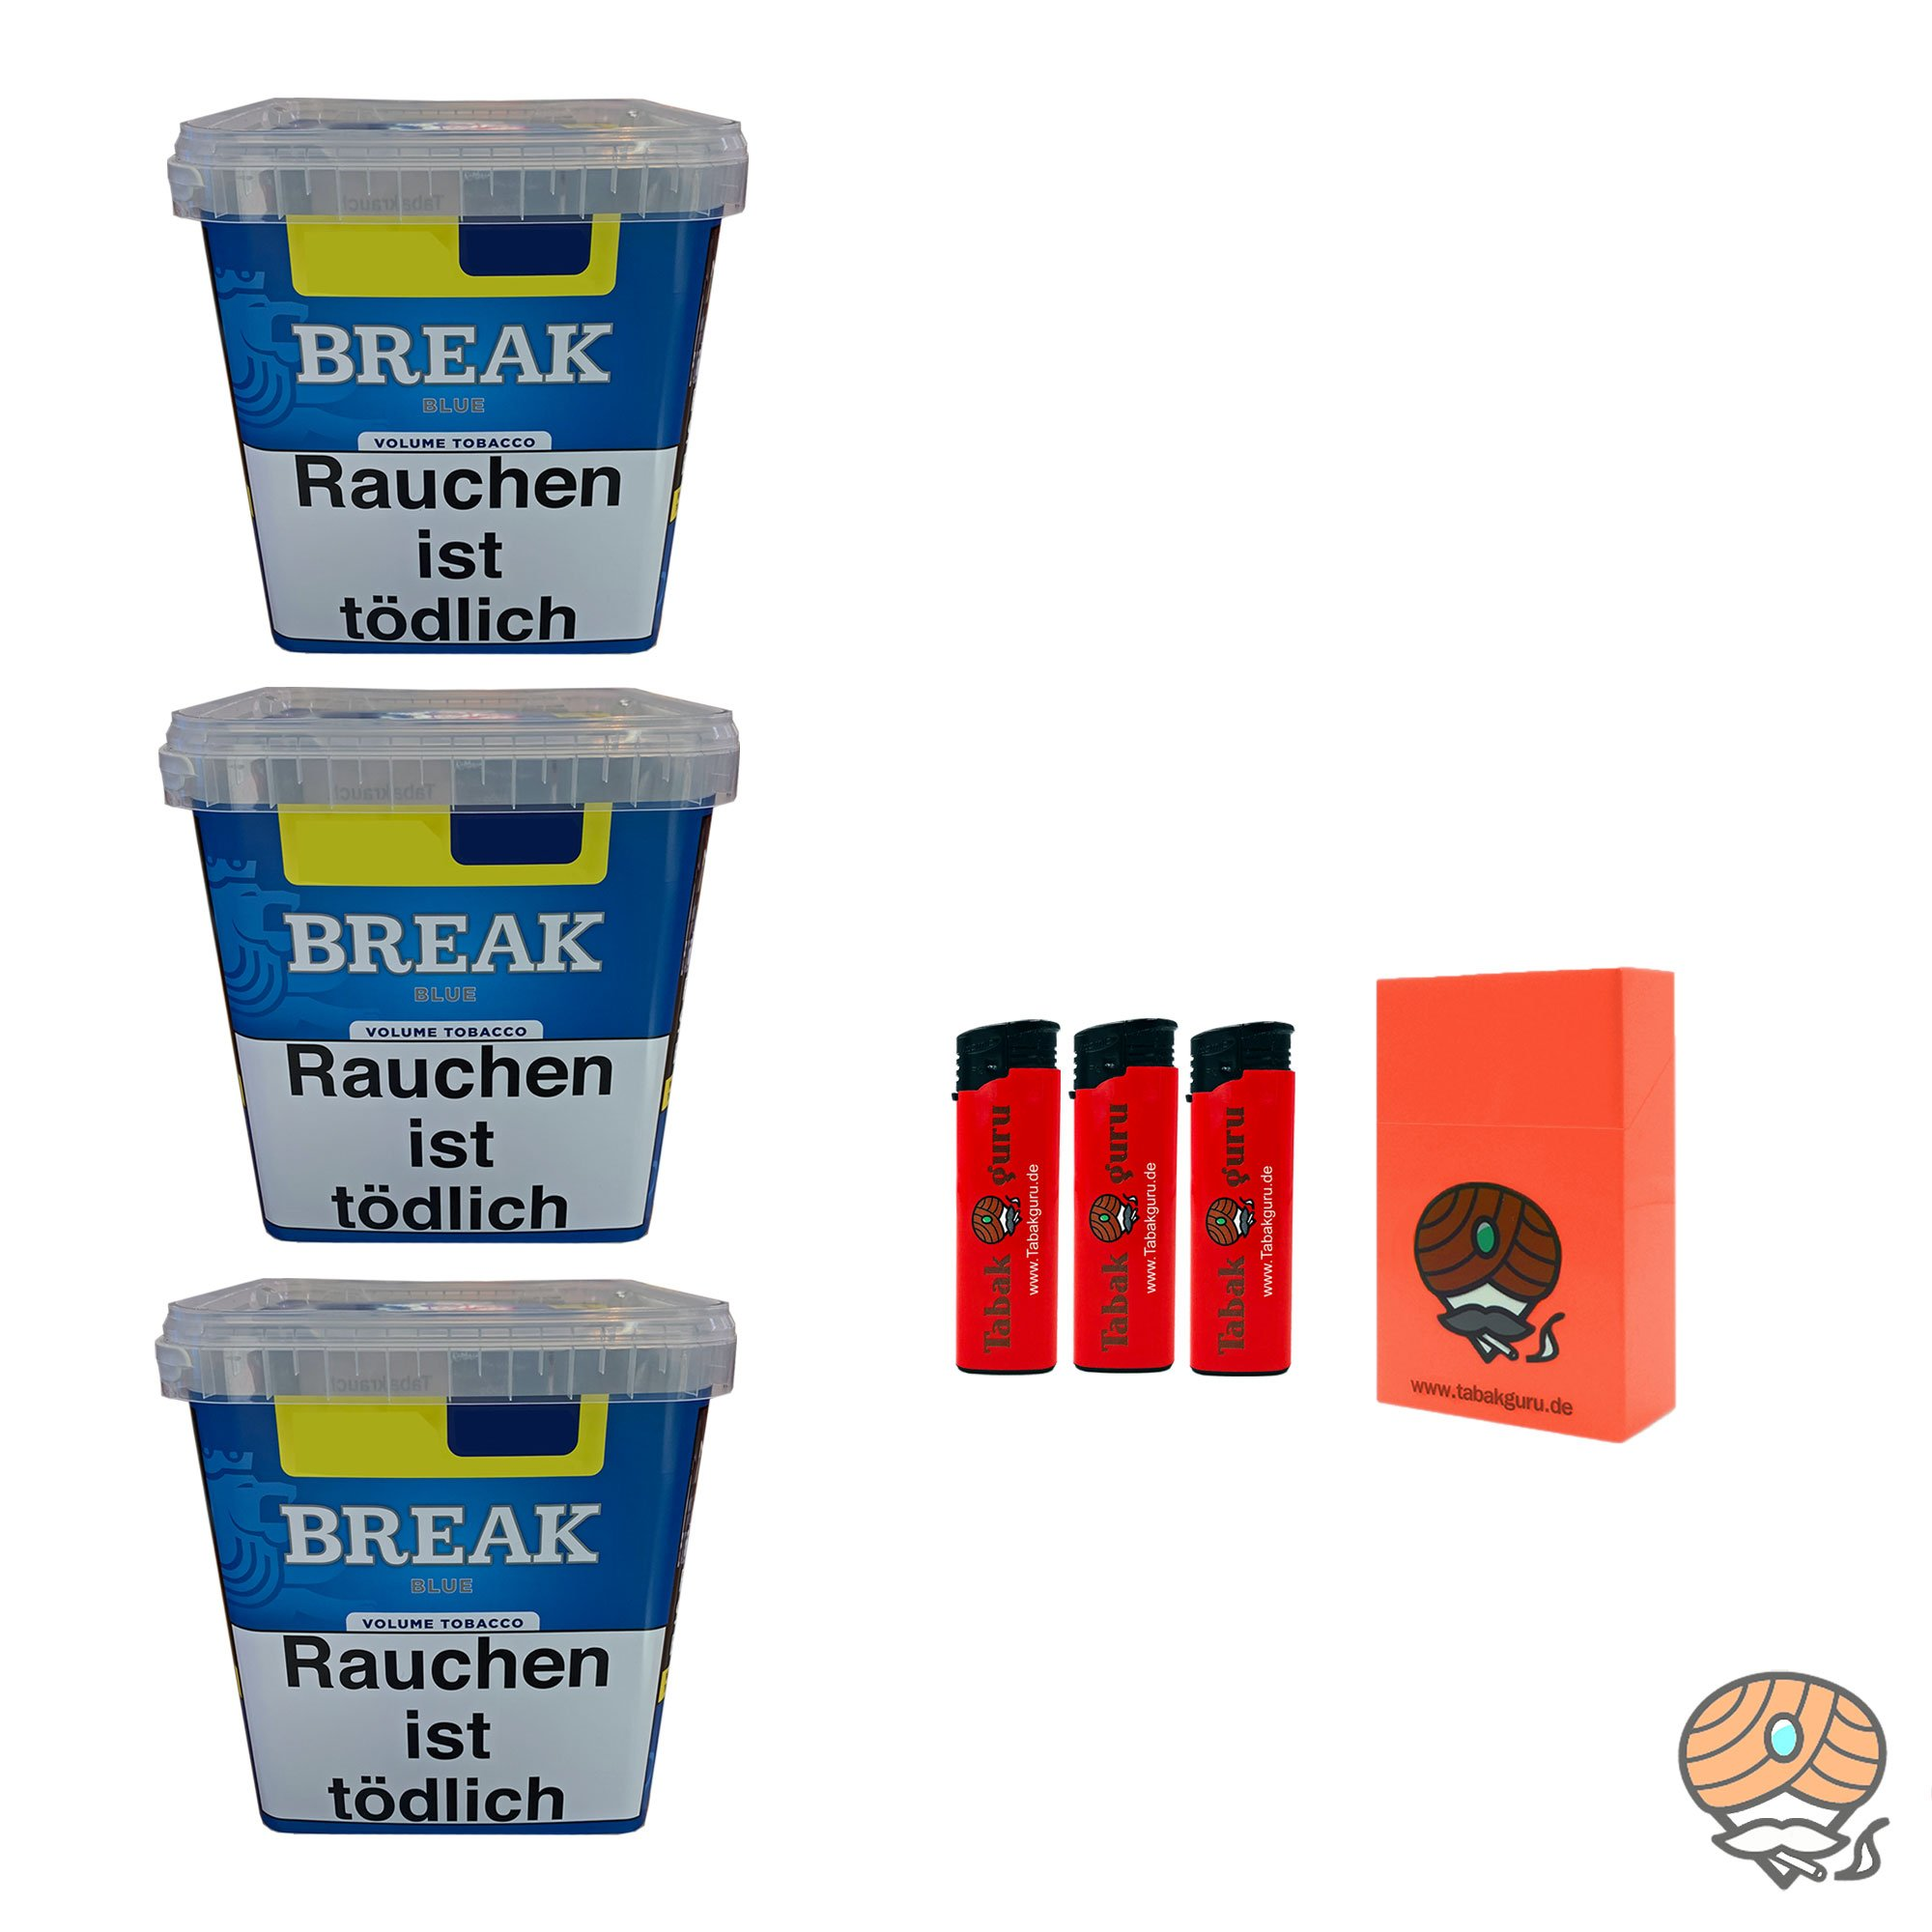 3 x Break Blue / Blau Volumentabak Giga Box 230g + 2000 Hülsen wählbar - Angebot ohne Hülsen